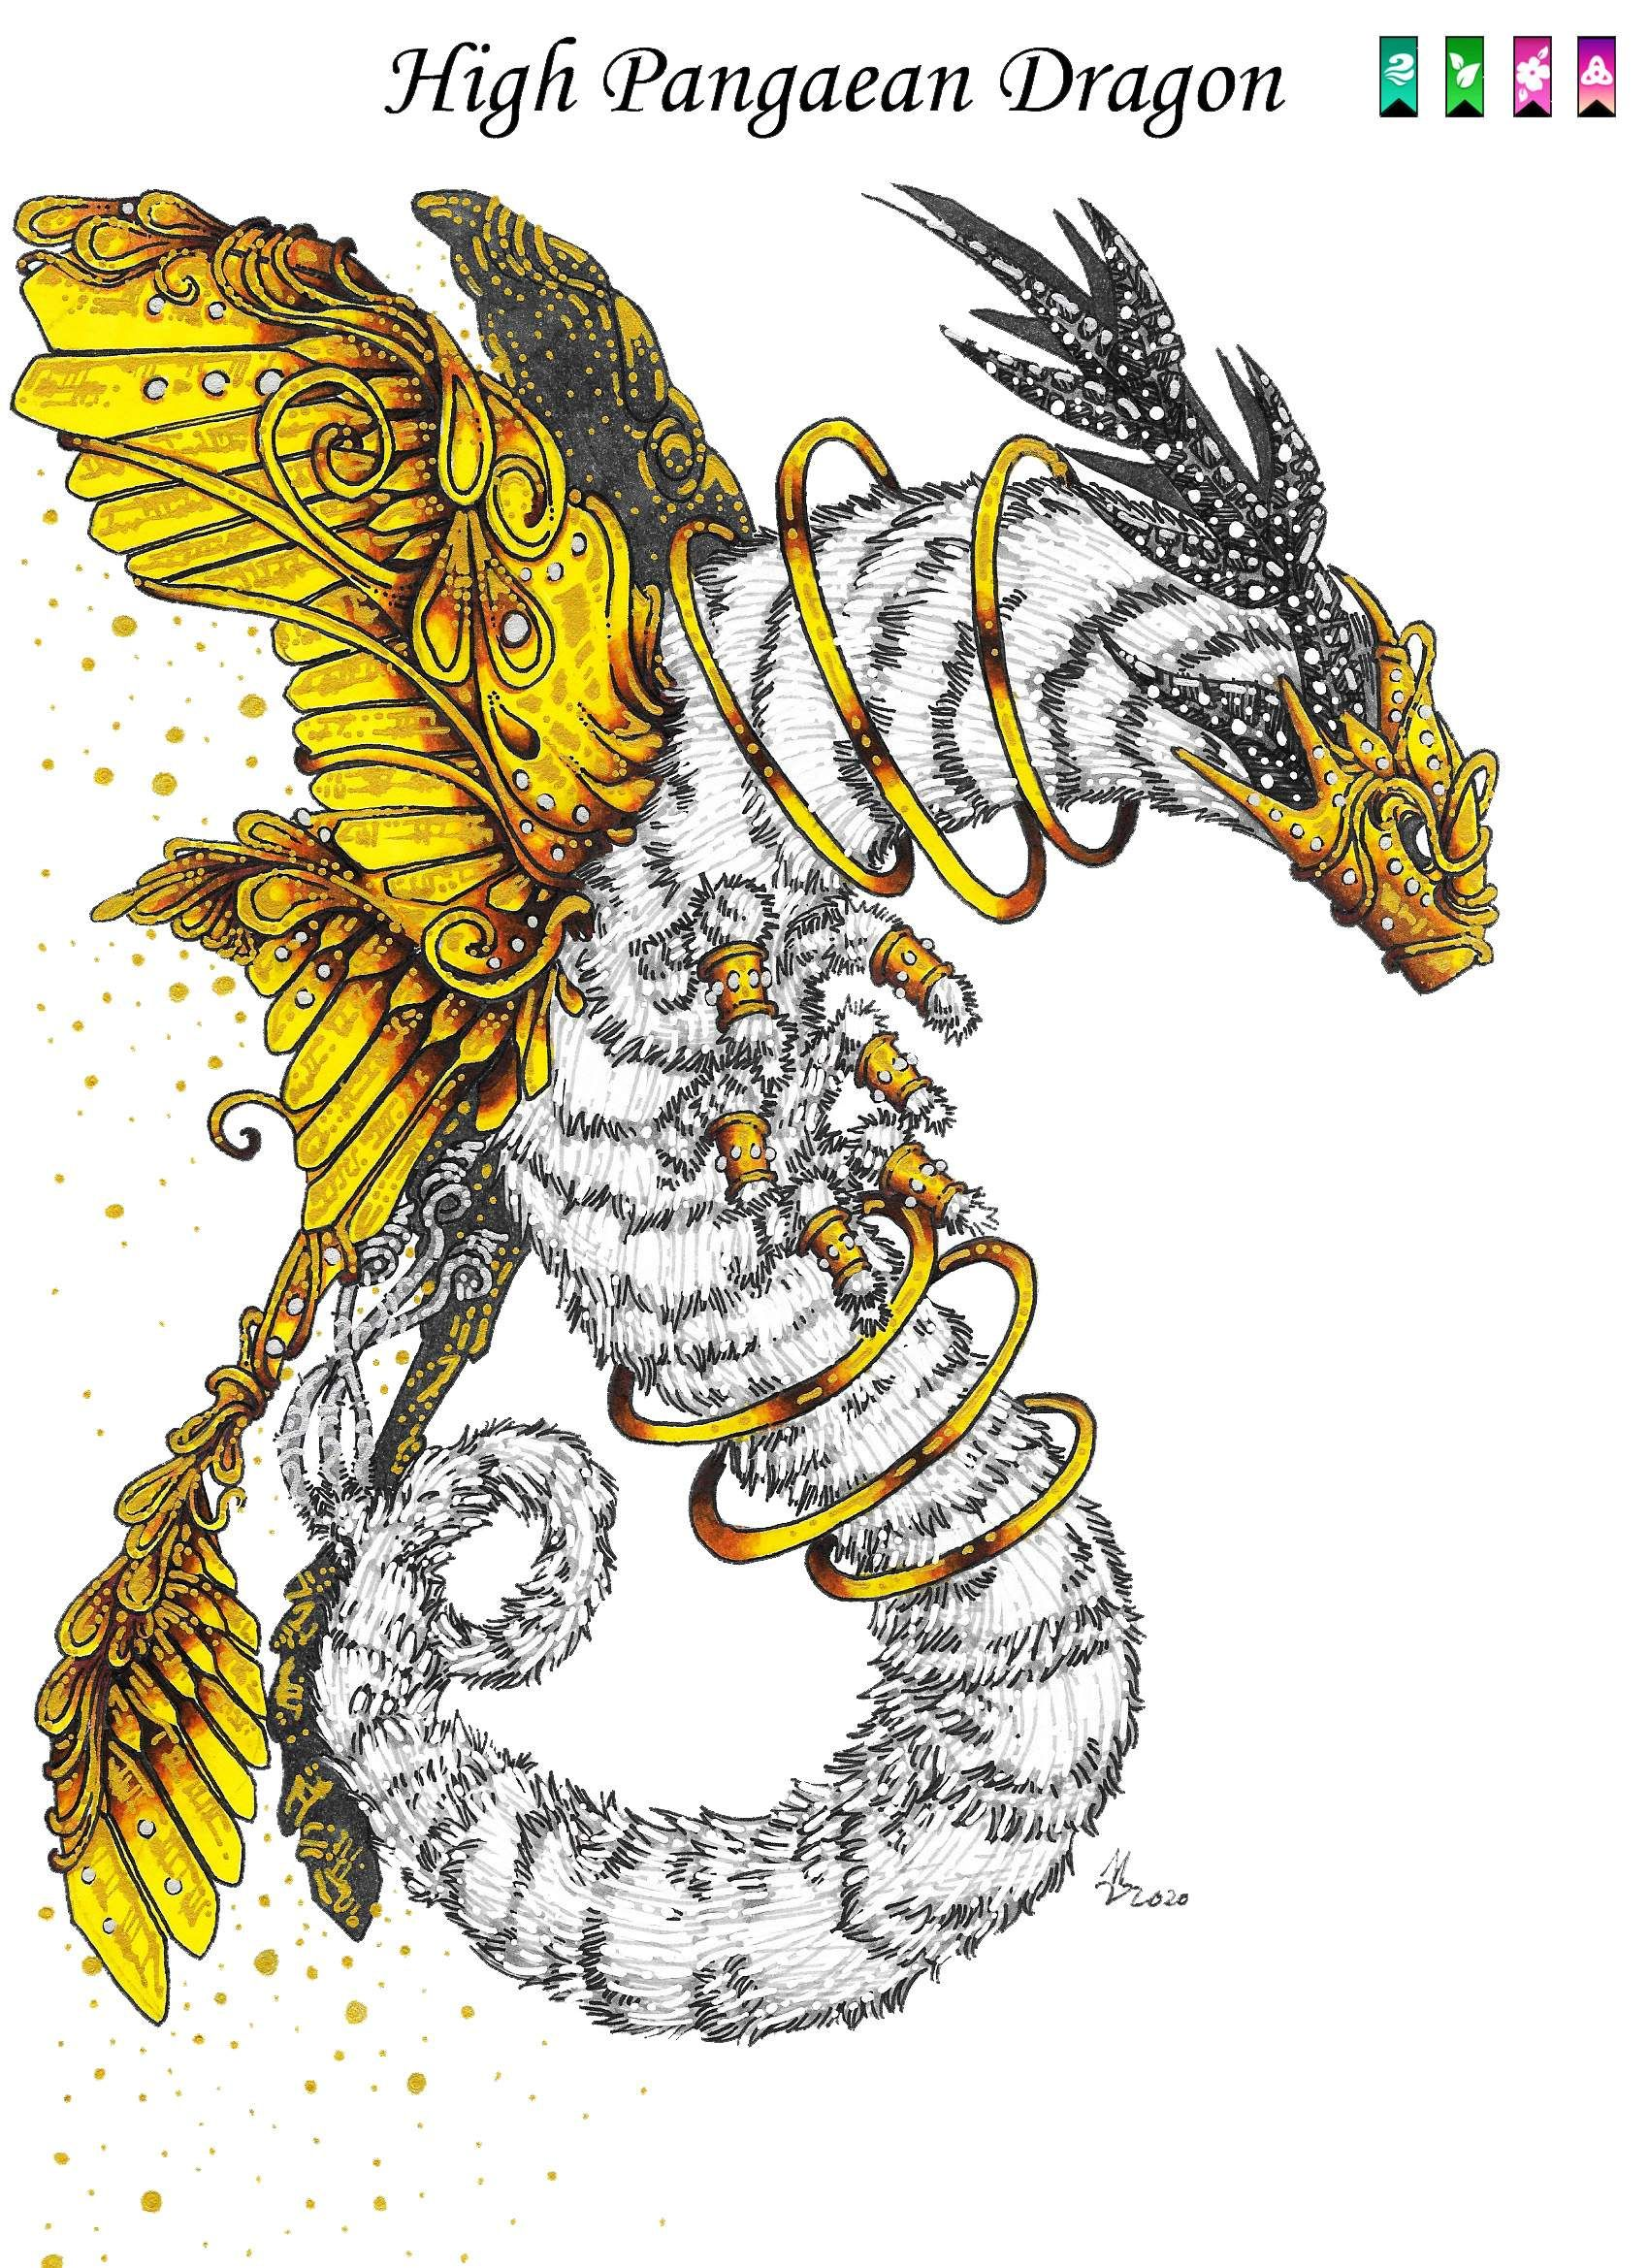 0_1614661711201_High Pangaean Dragon.jpg